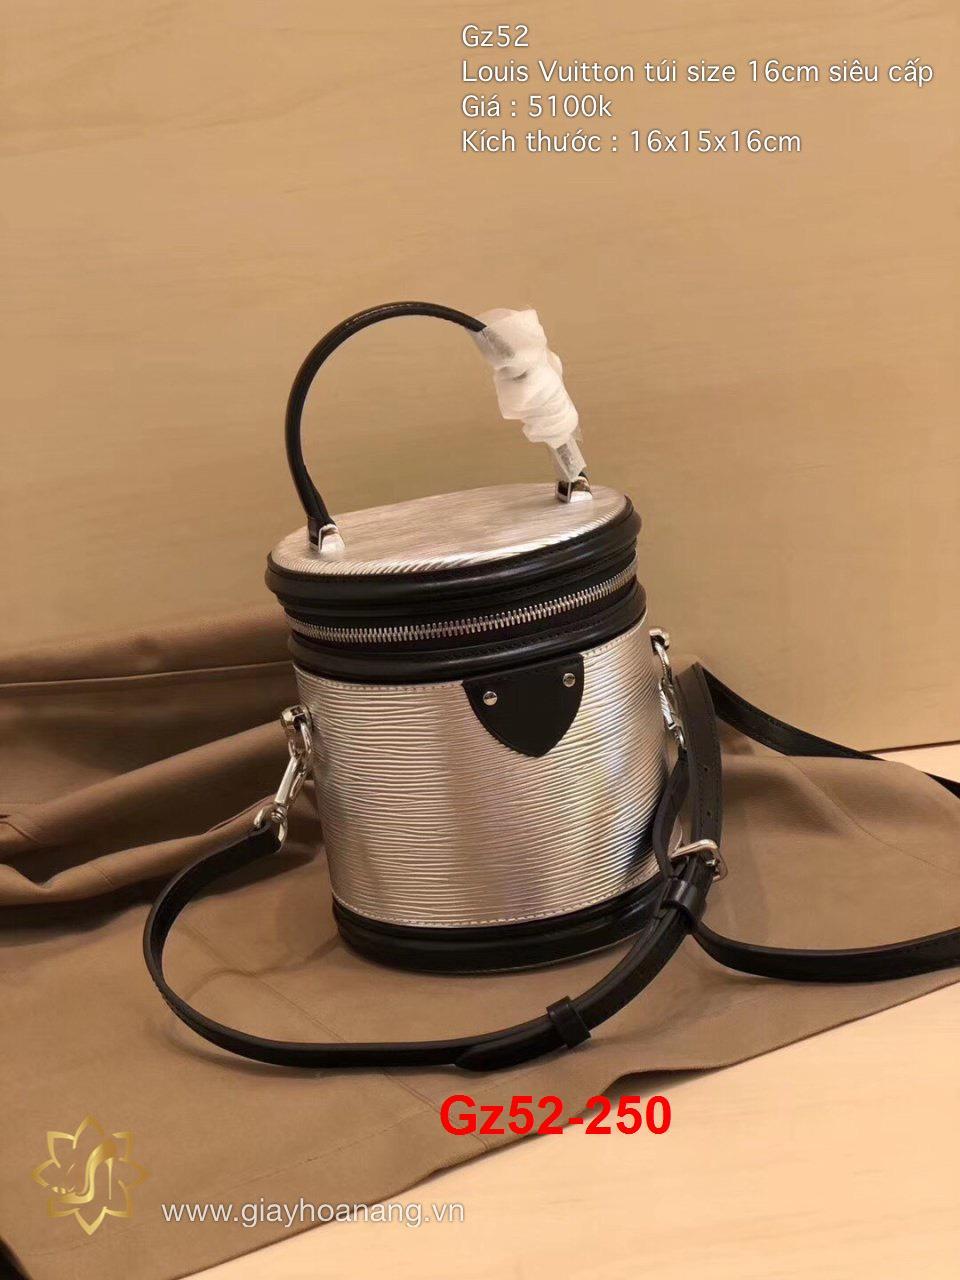 Gz52-250 Louis Vuitton túi size 16cm siêu cấp